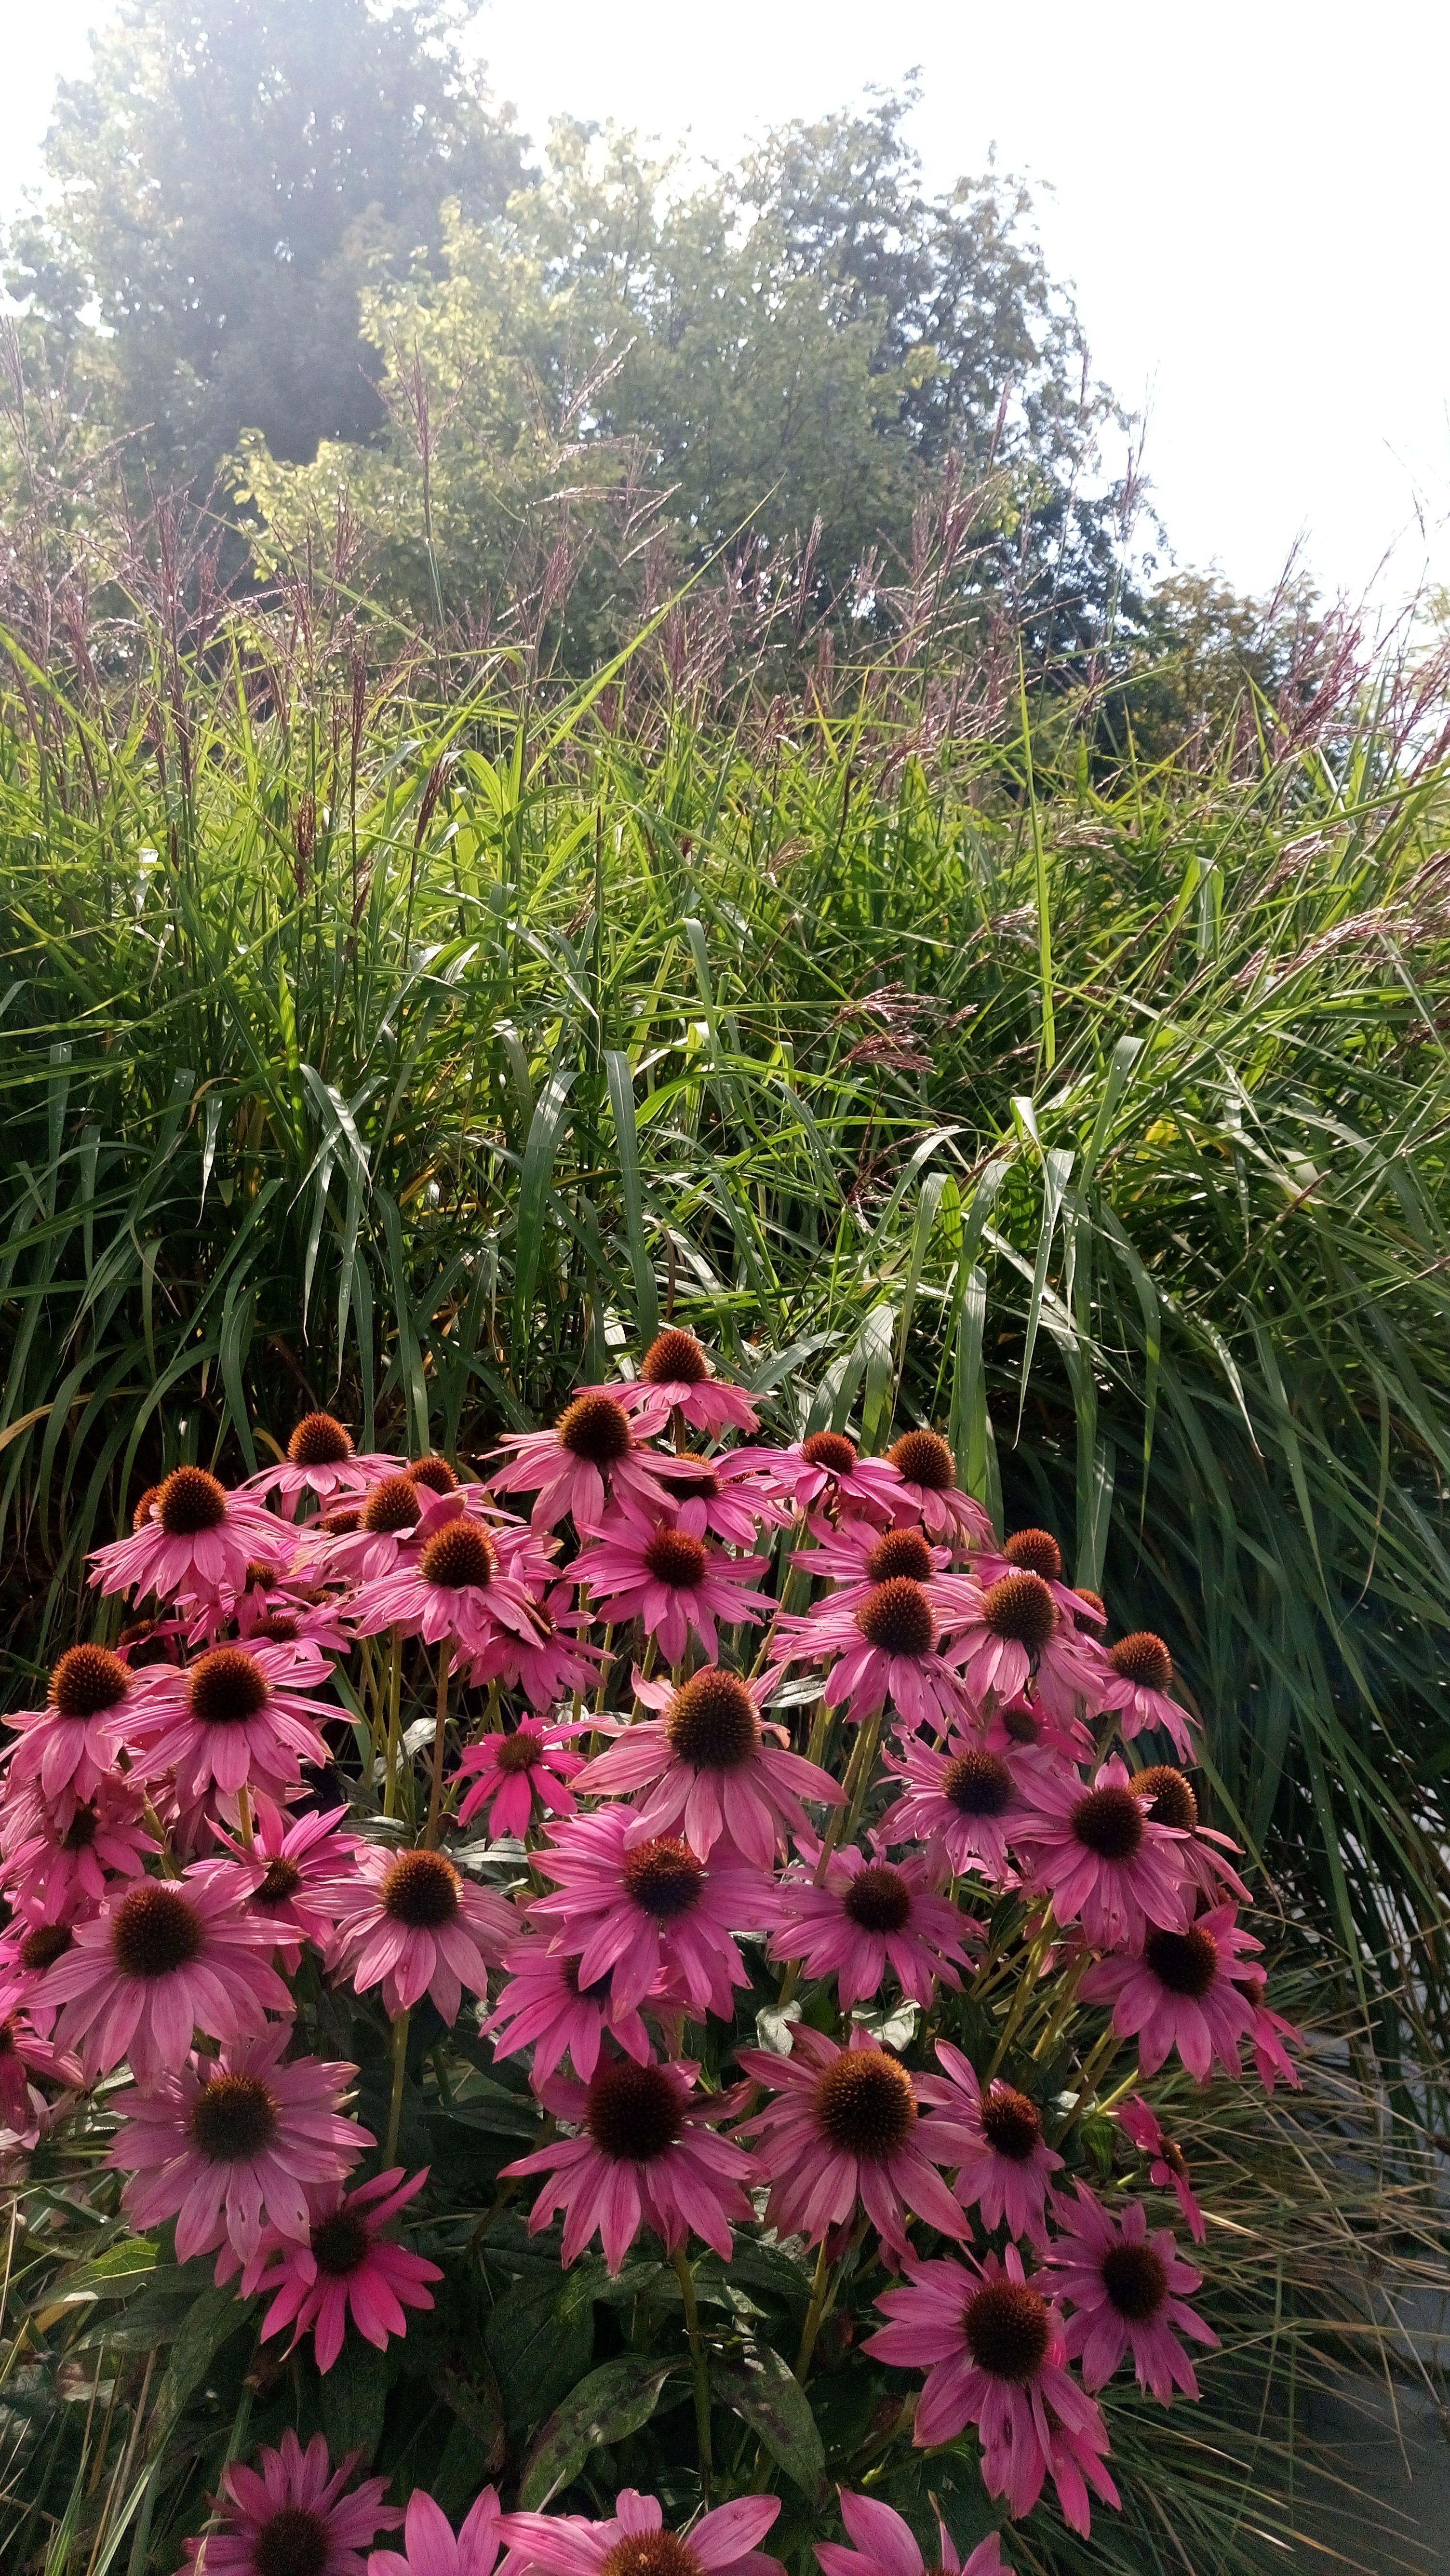 Solens och skuggans trädgård. En fin färgkombination med purpurhatt och japanskt gräs.